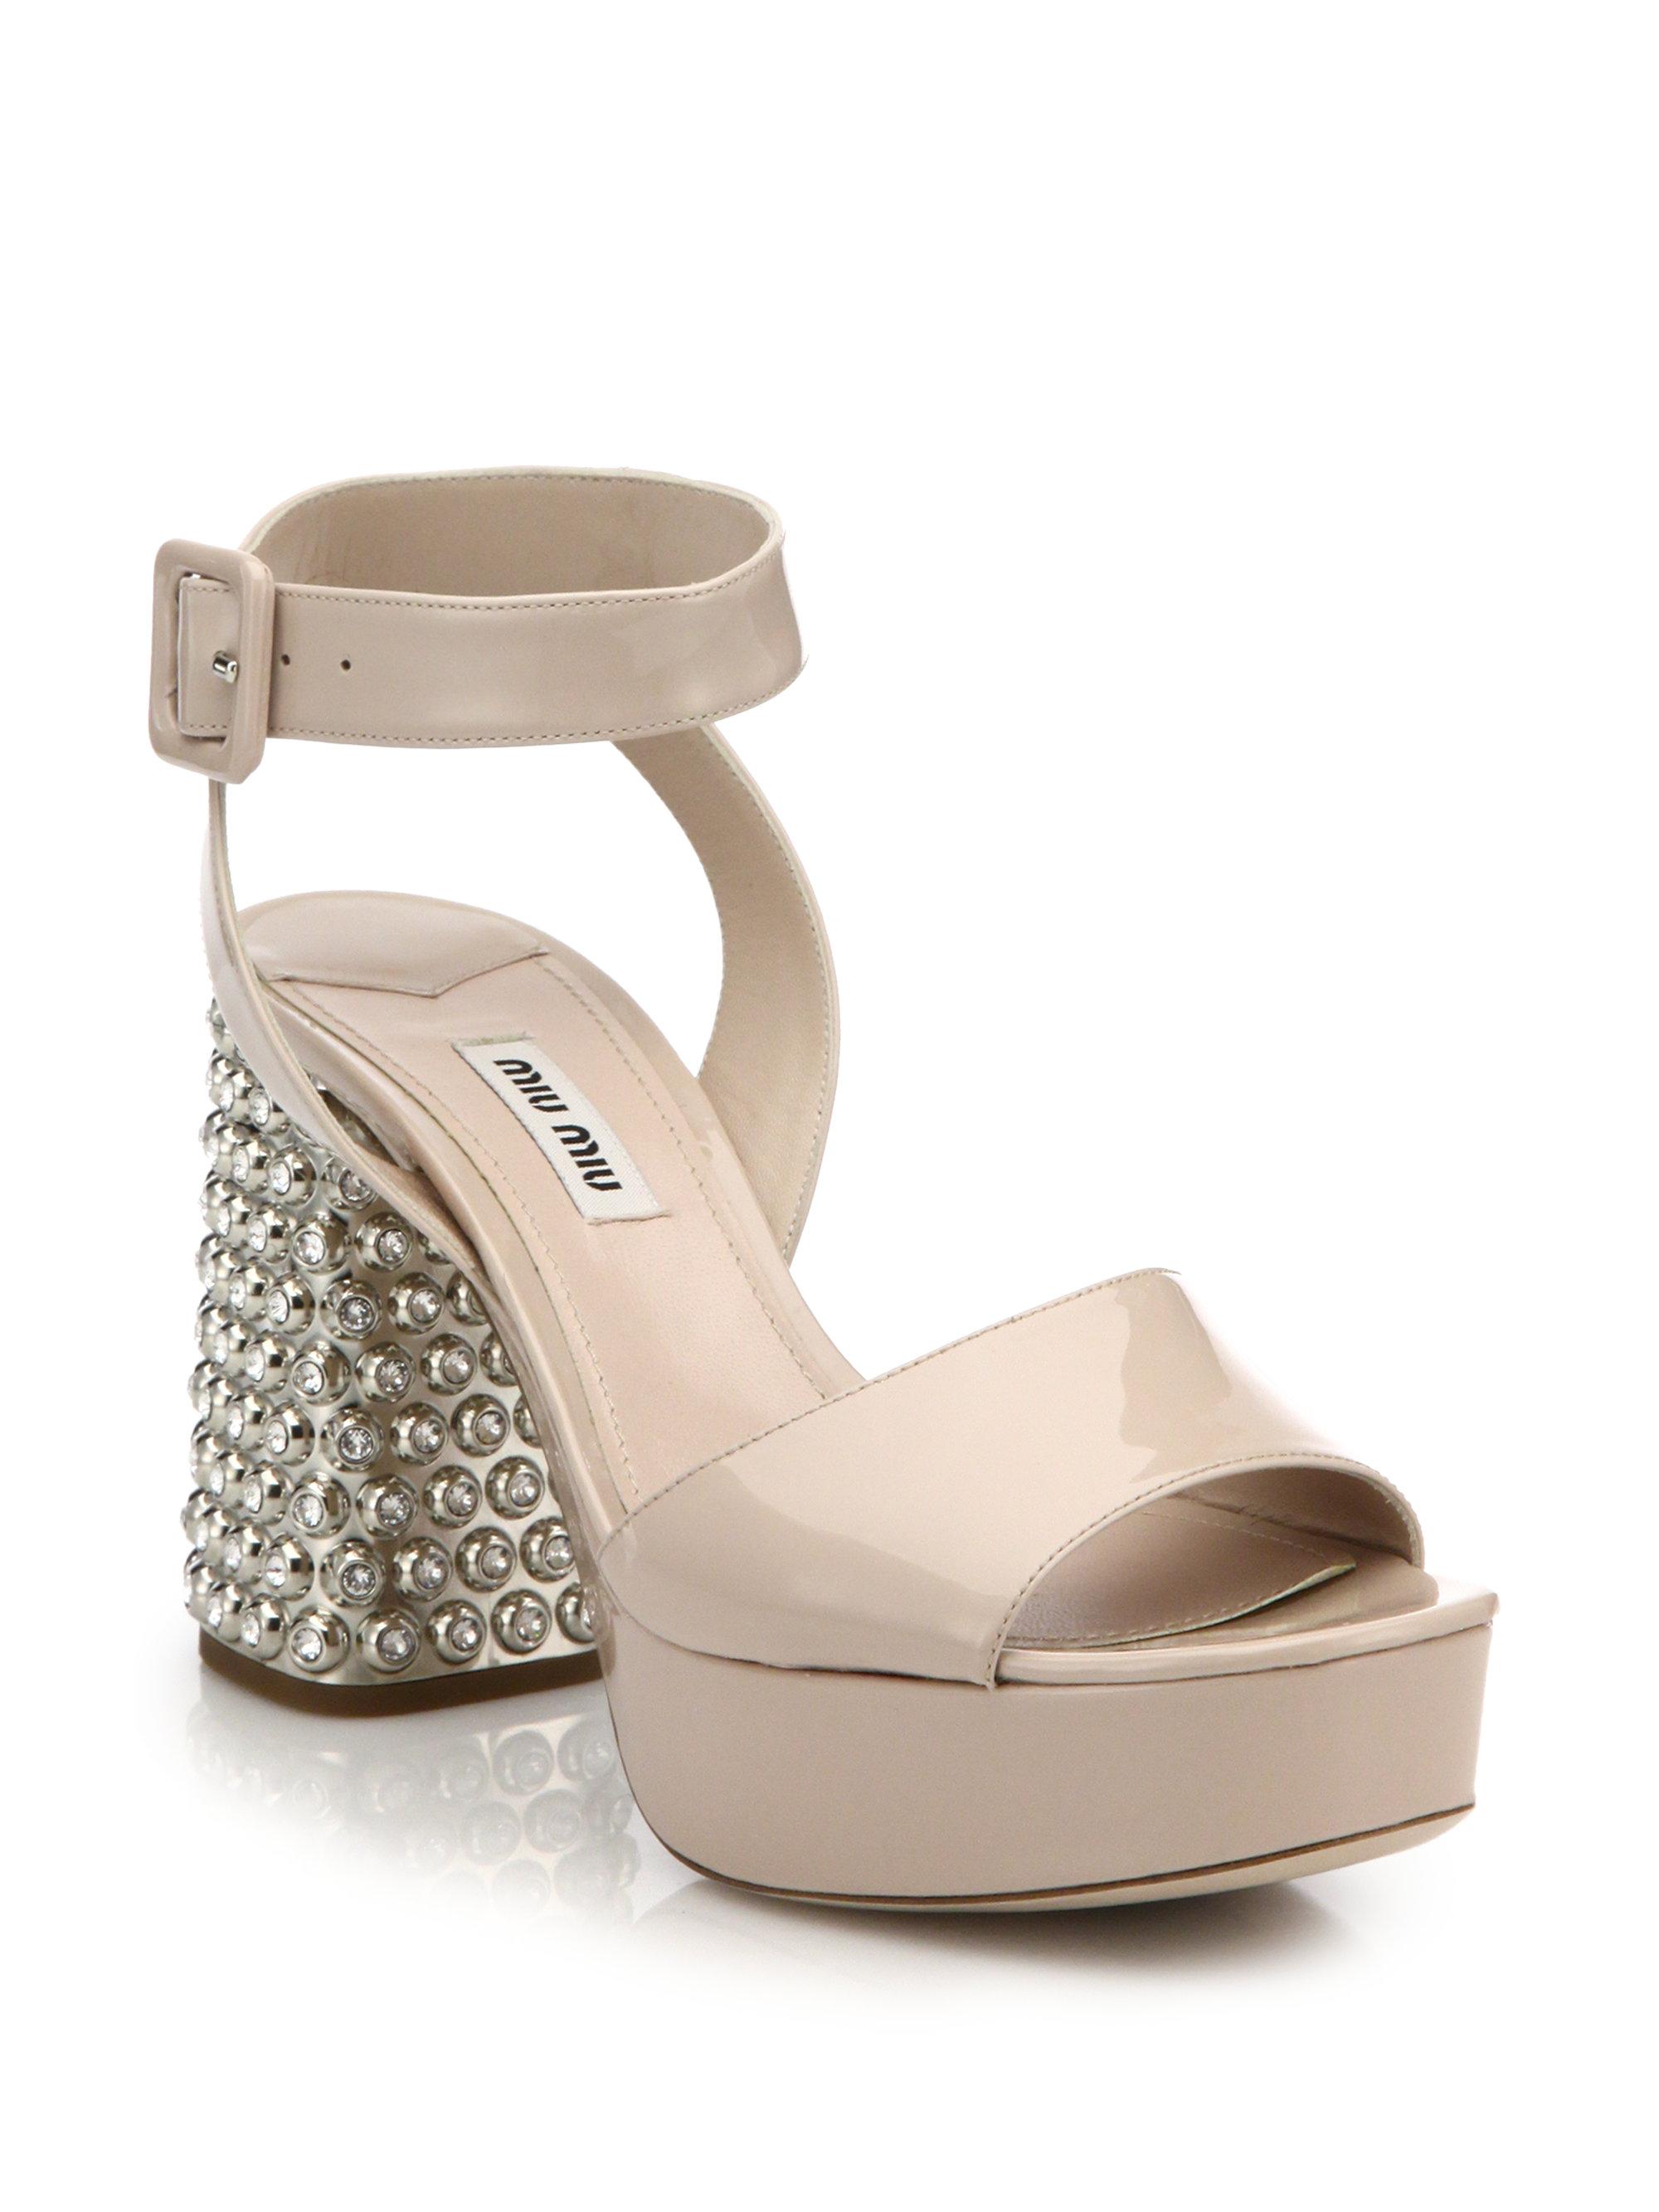 Miu Miu Shoes Crystal Heel